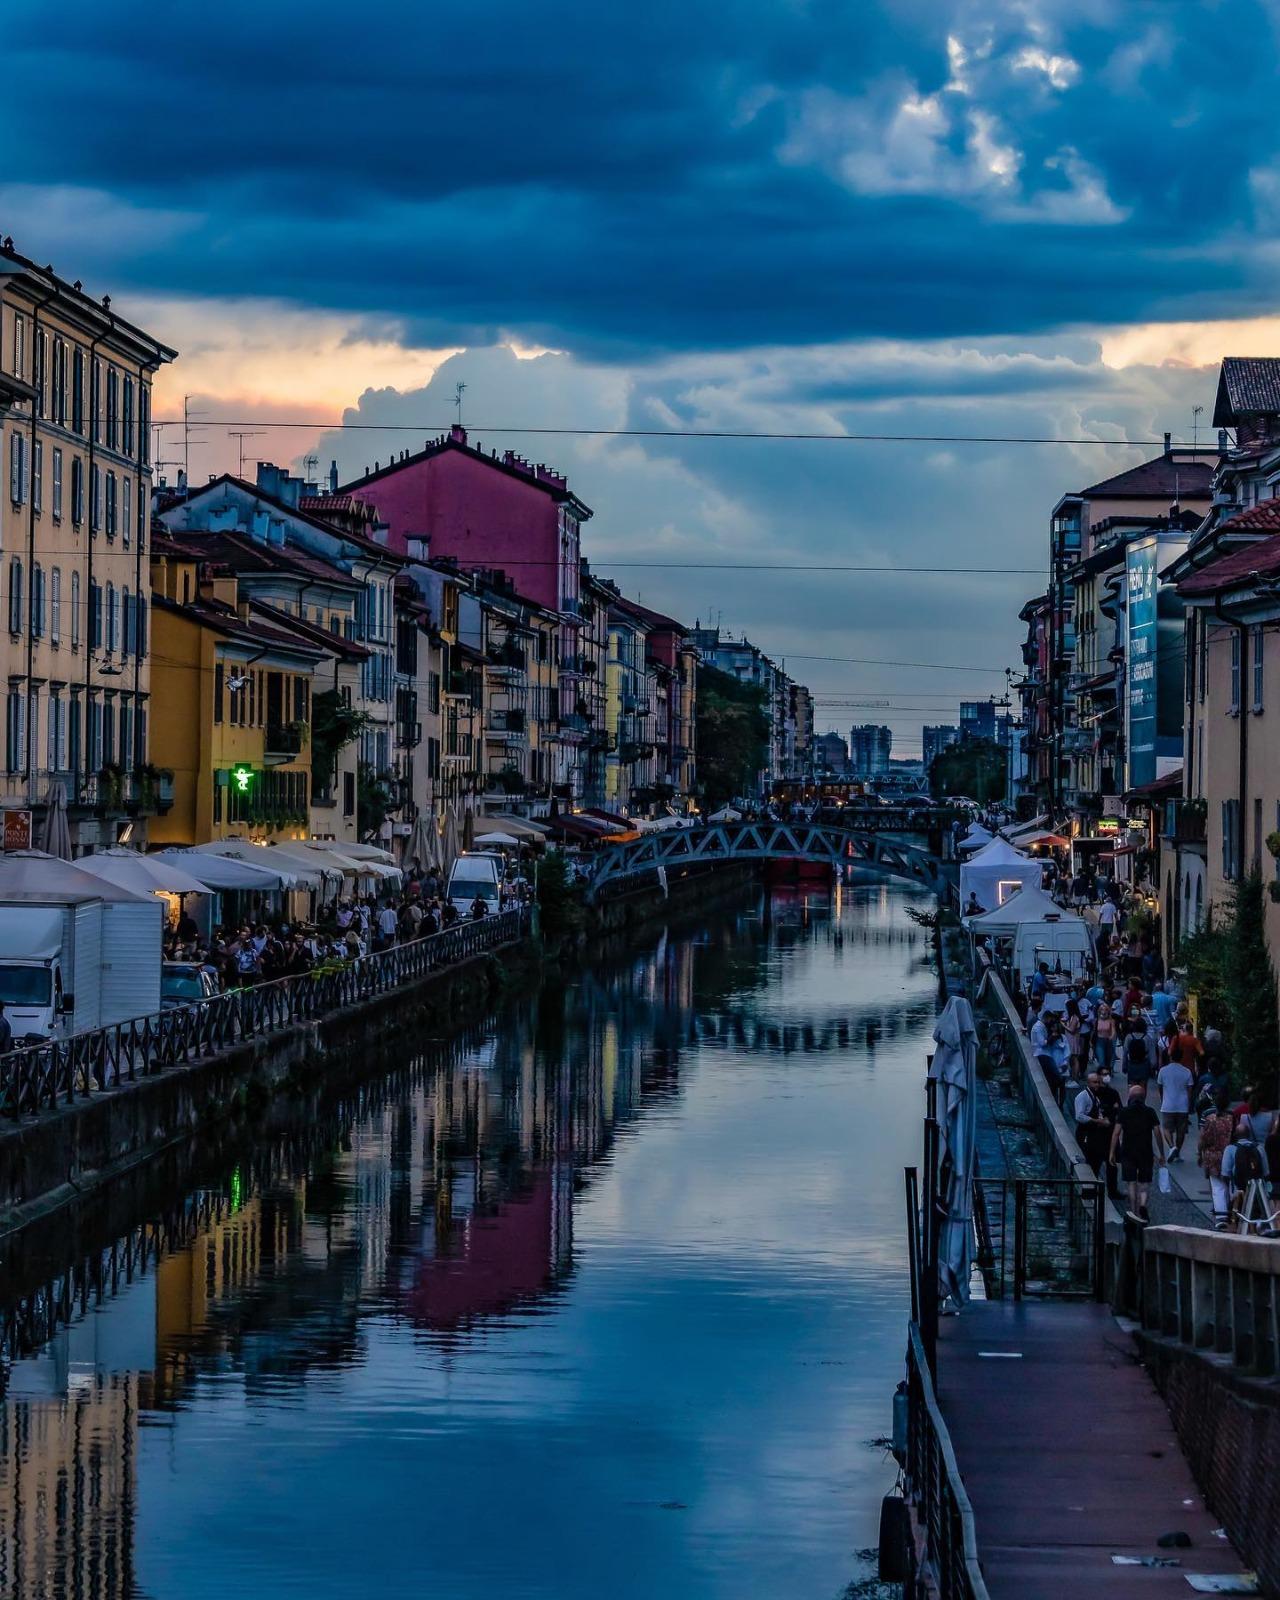 Le Milanesi tornano sulle pagine di Mi-Tomorrow - foto di photophonico